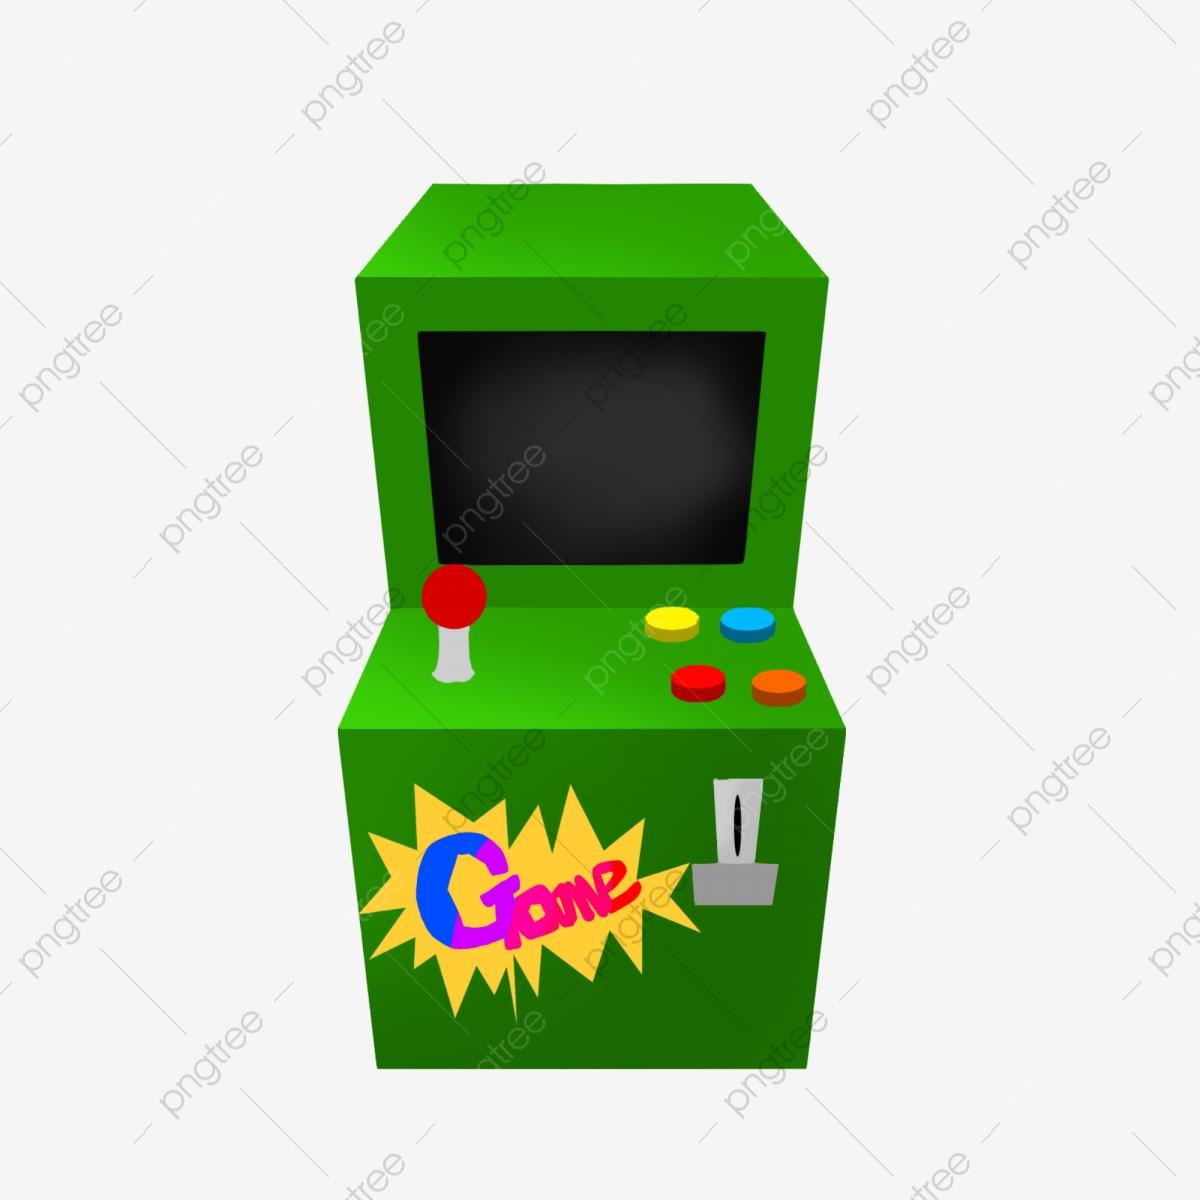 Lettres Anglaises Consoles De Jeu Vertes Consoles De Jeu intérieur Jeux De Lettres Gratuits